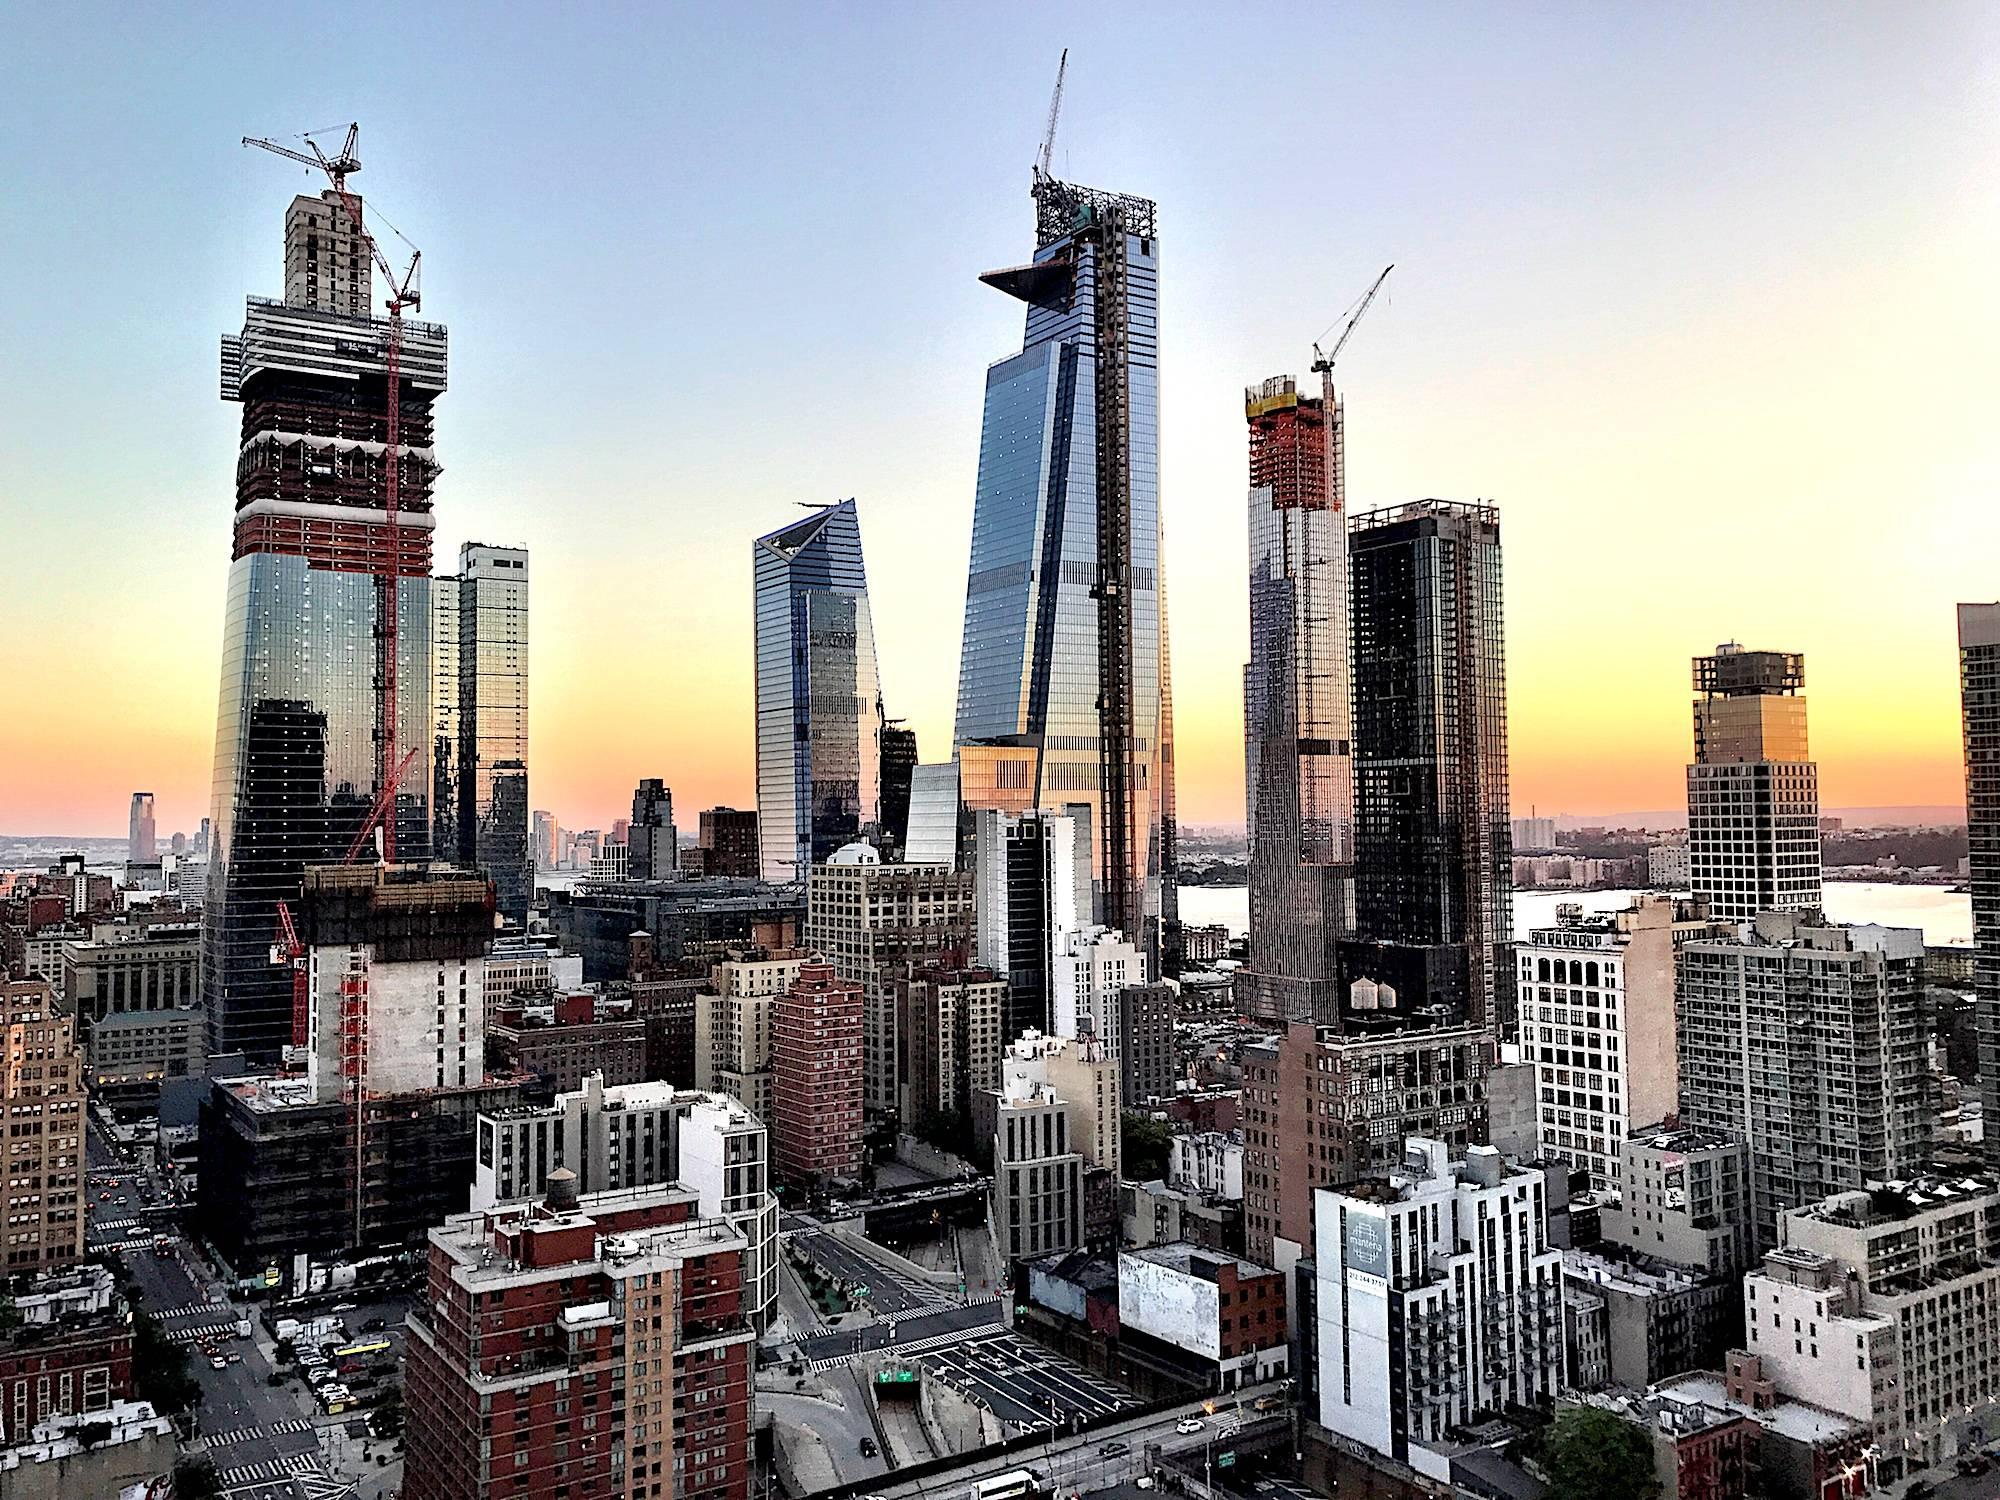 O Hudson Yards detém o título de maior empreendimento imobiliário privado da história americana, com um terreno de 113.300 m². (Crédito: divulgação).